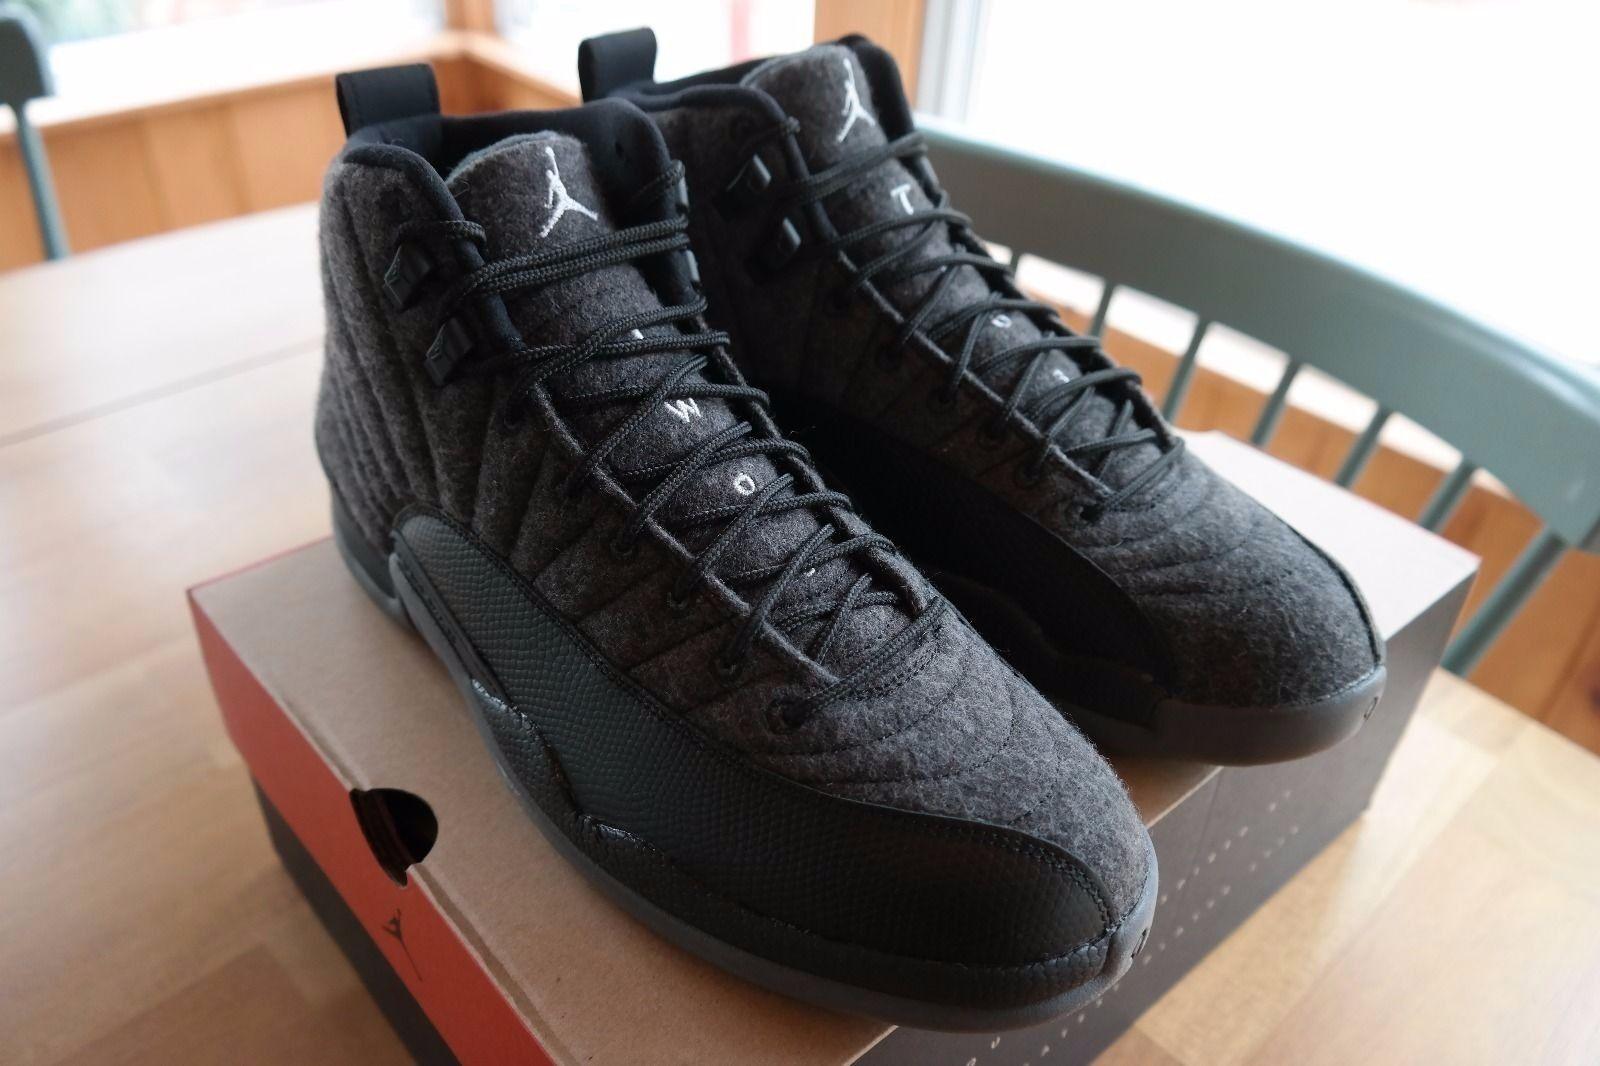 Nike Air Jordan Retro / XII lana gris oscuro / Retro negro Hombre material raro 508391